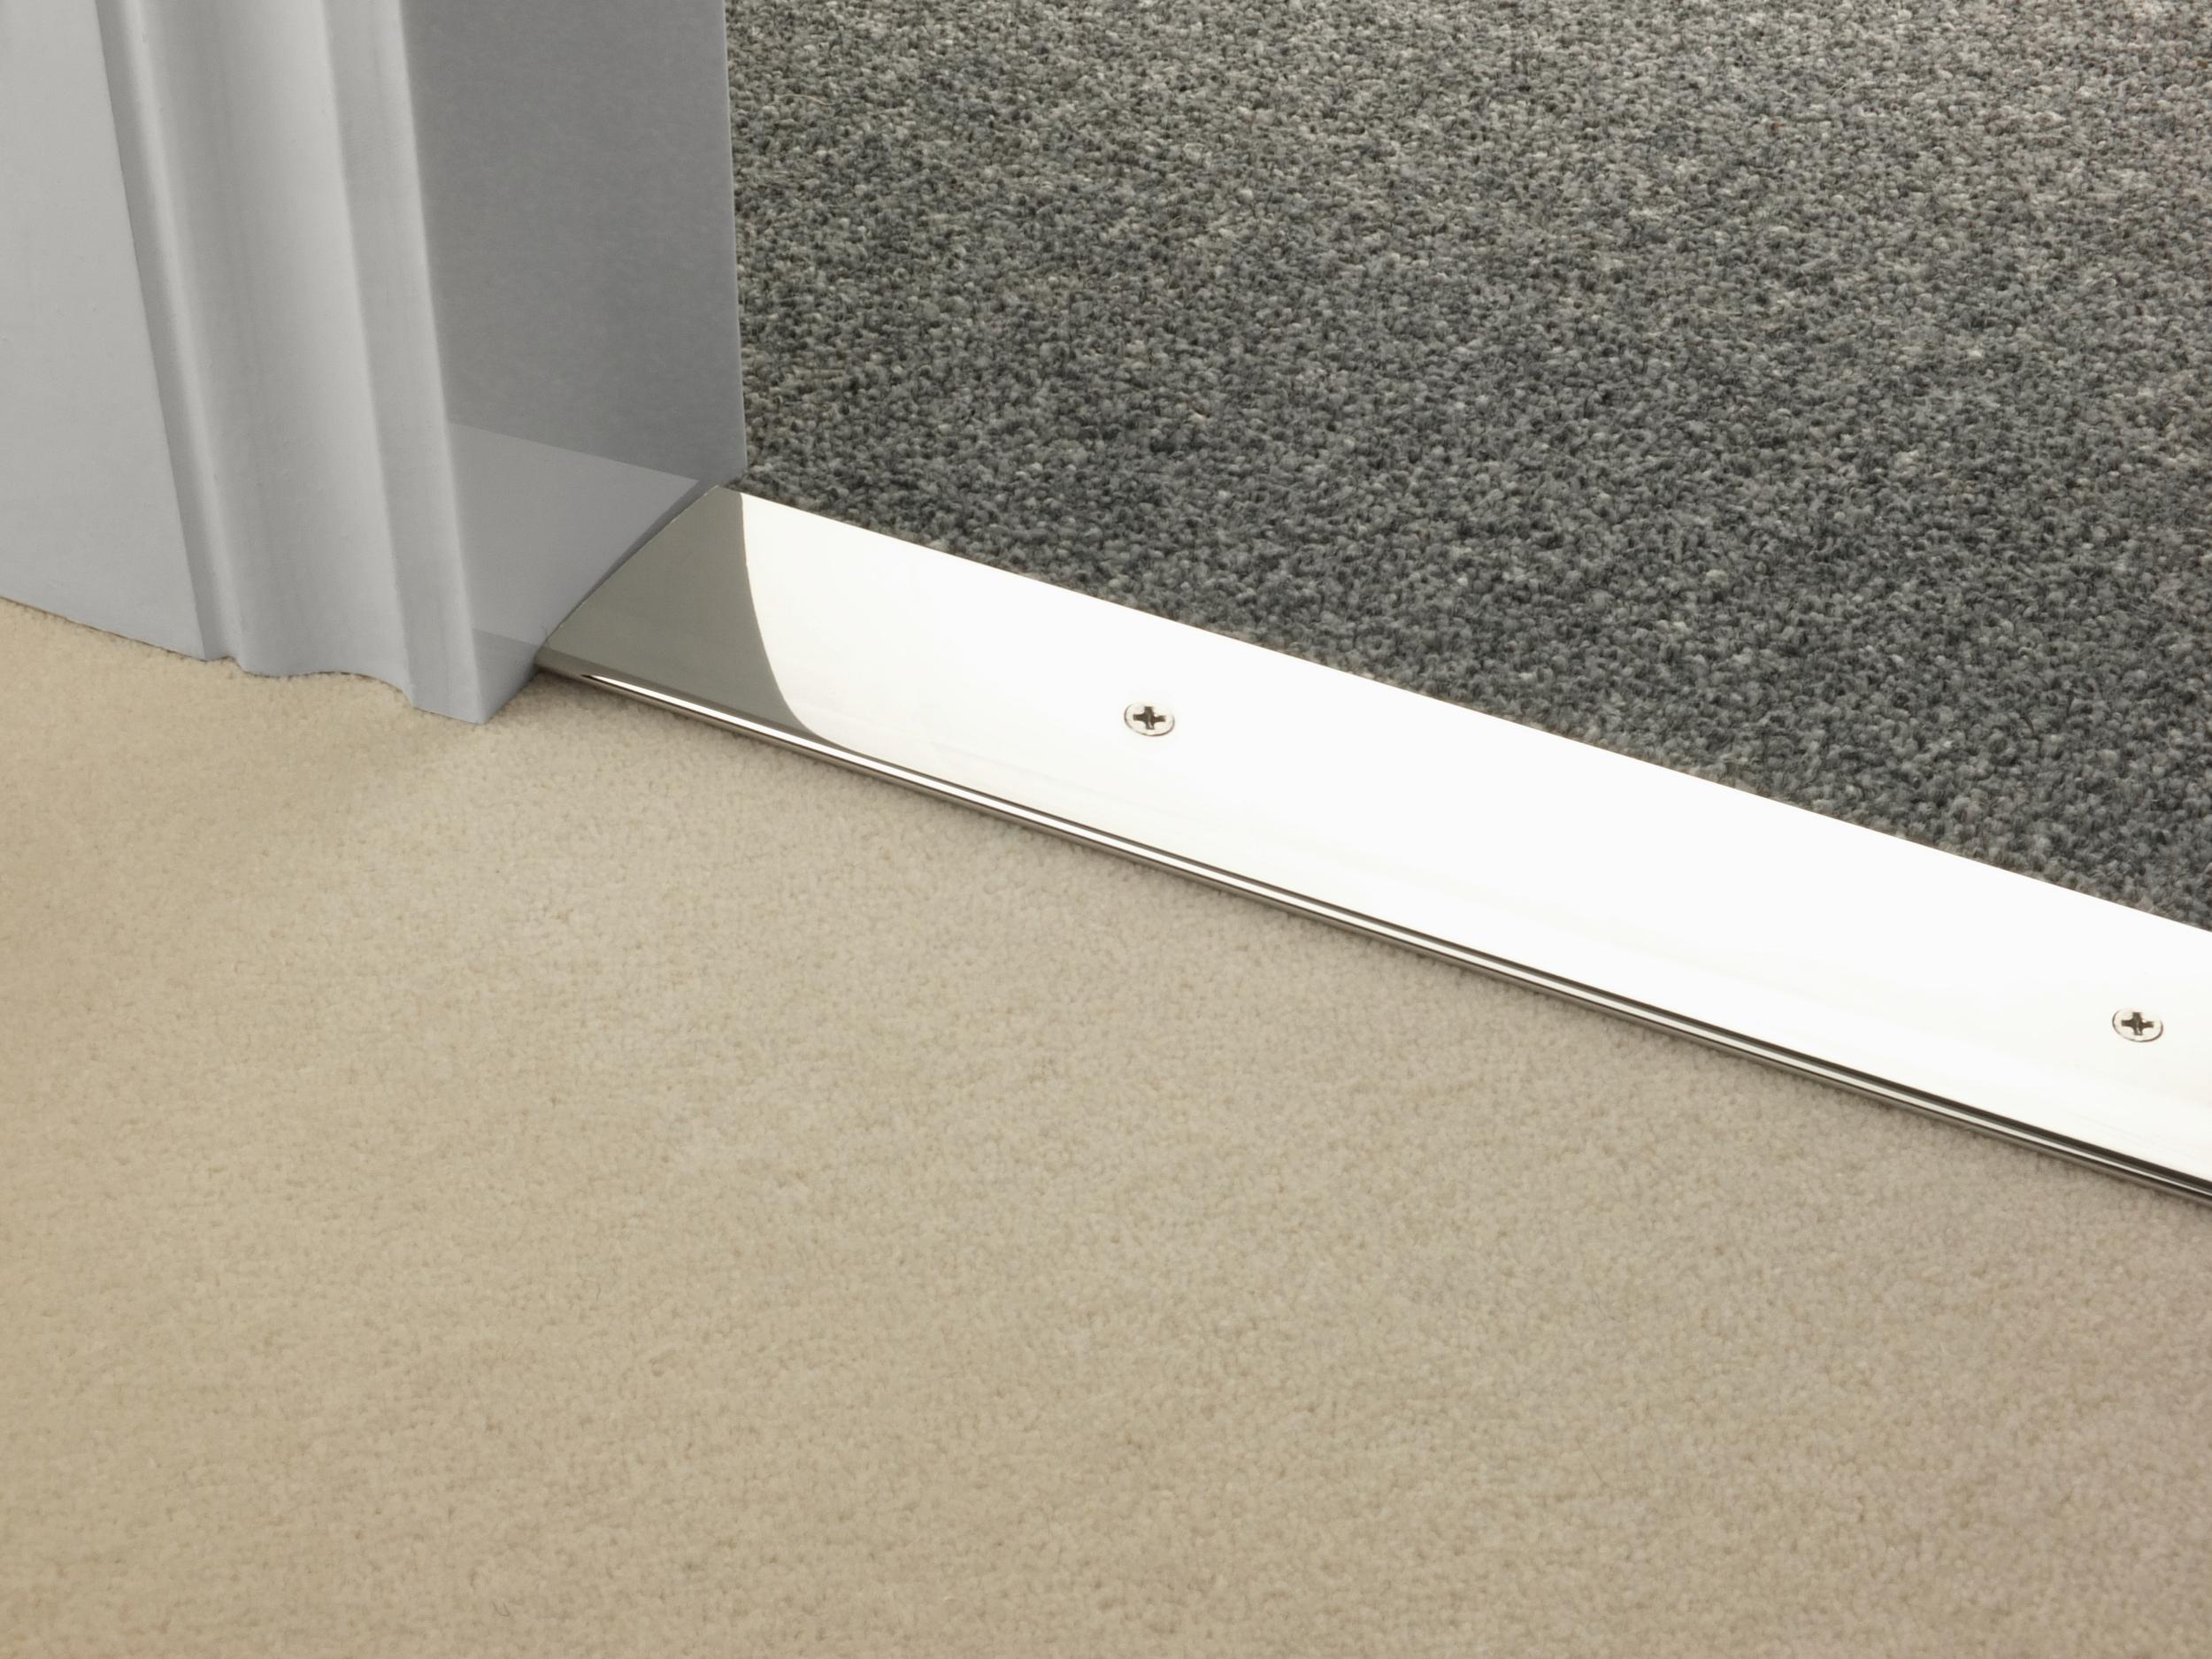 door_bar_cover-55mm_c2c_polished_nickel.jpg